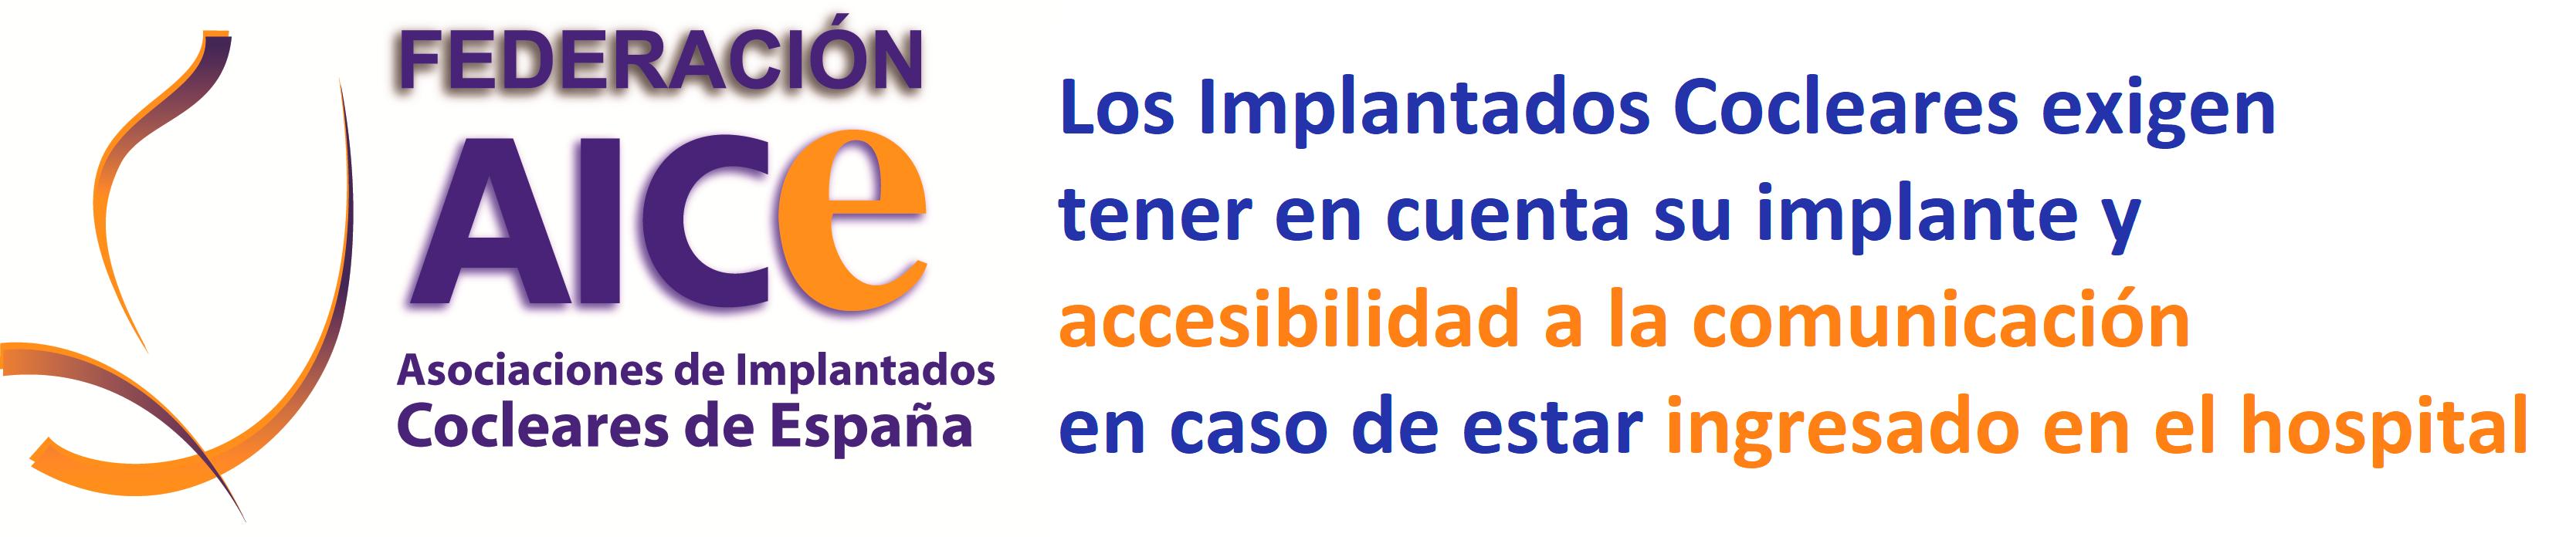 Documentos de emergencia para Implantados Cocleares en caso de Hospitalización por COVID-19 (Coronavirus)